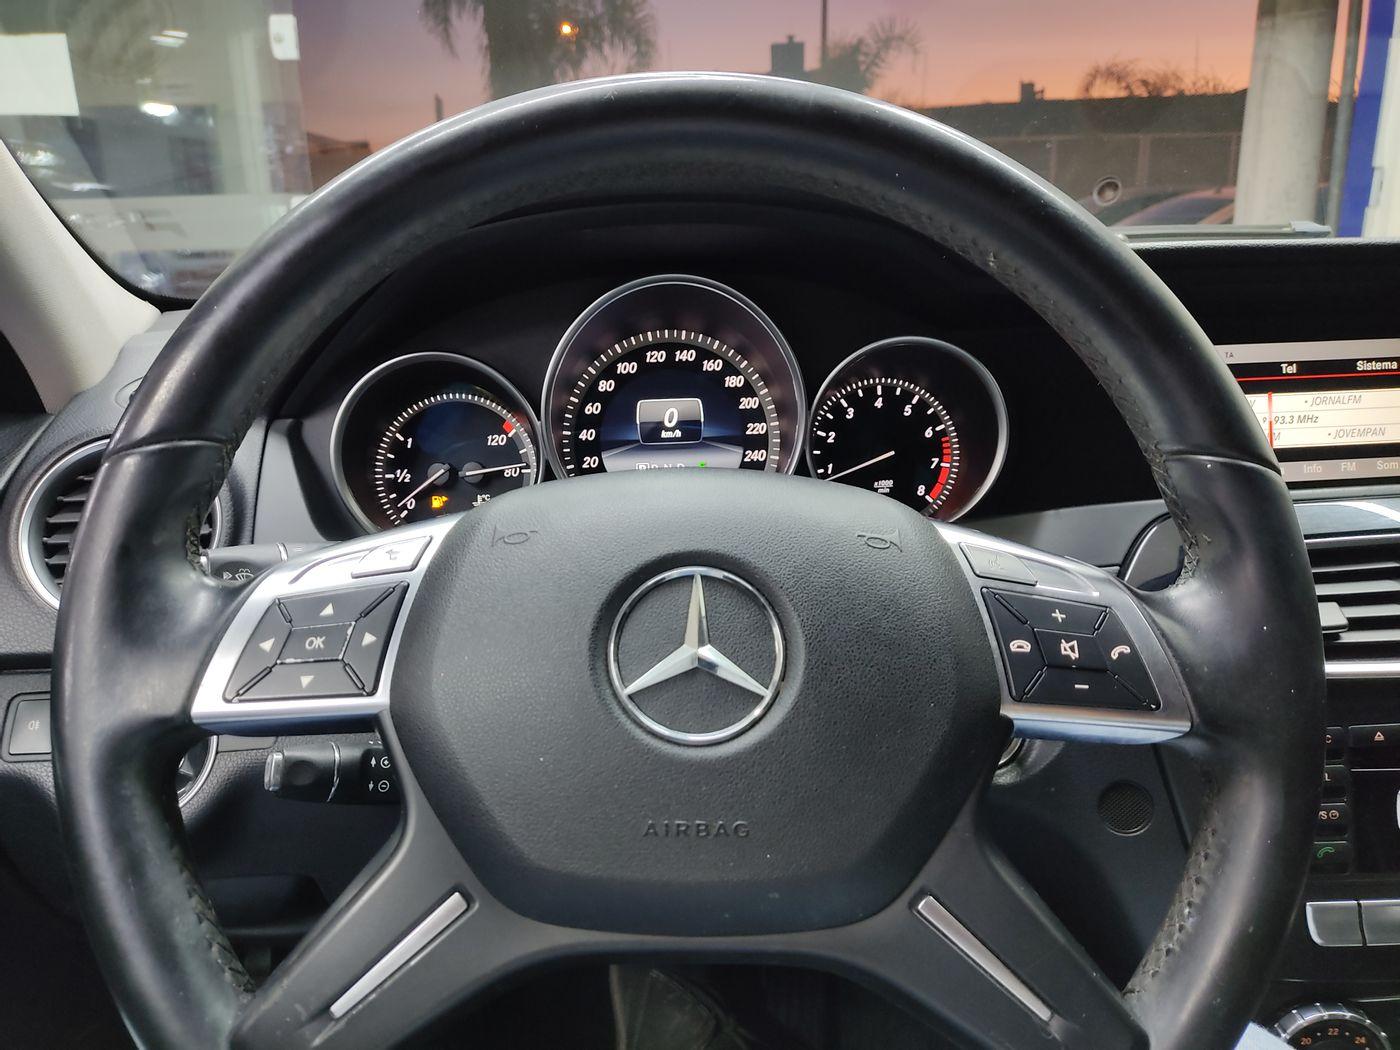 Mercedes C-180 CGI Sport 1.6 TB 16V 156cv Aut.